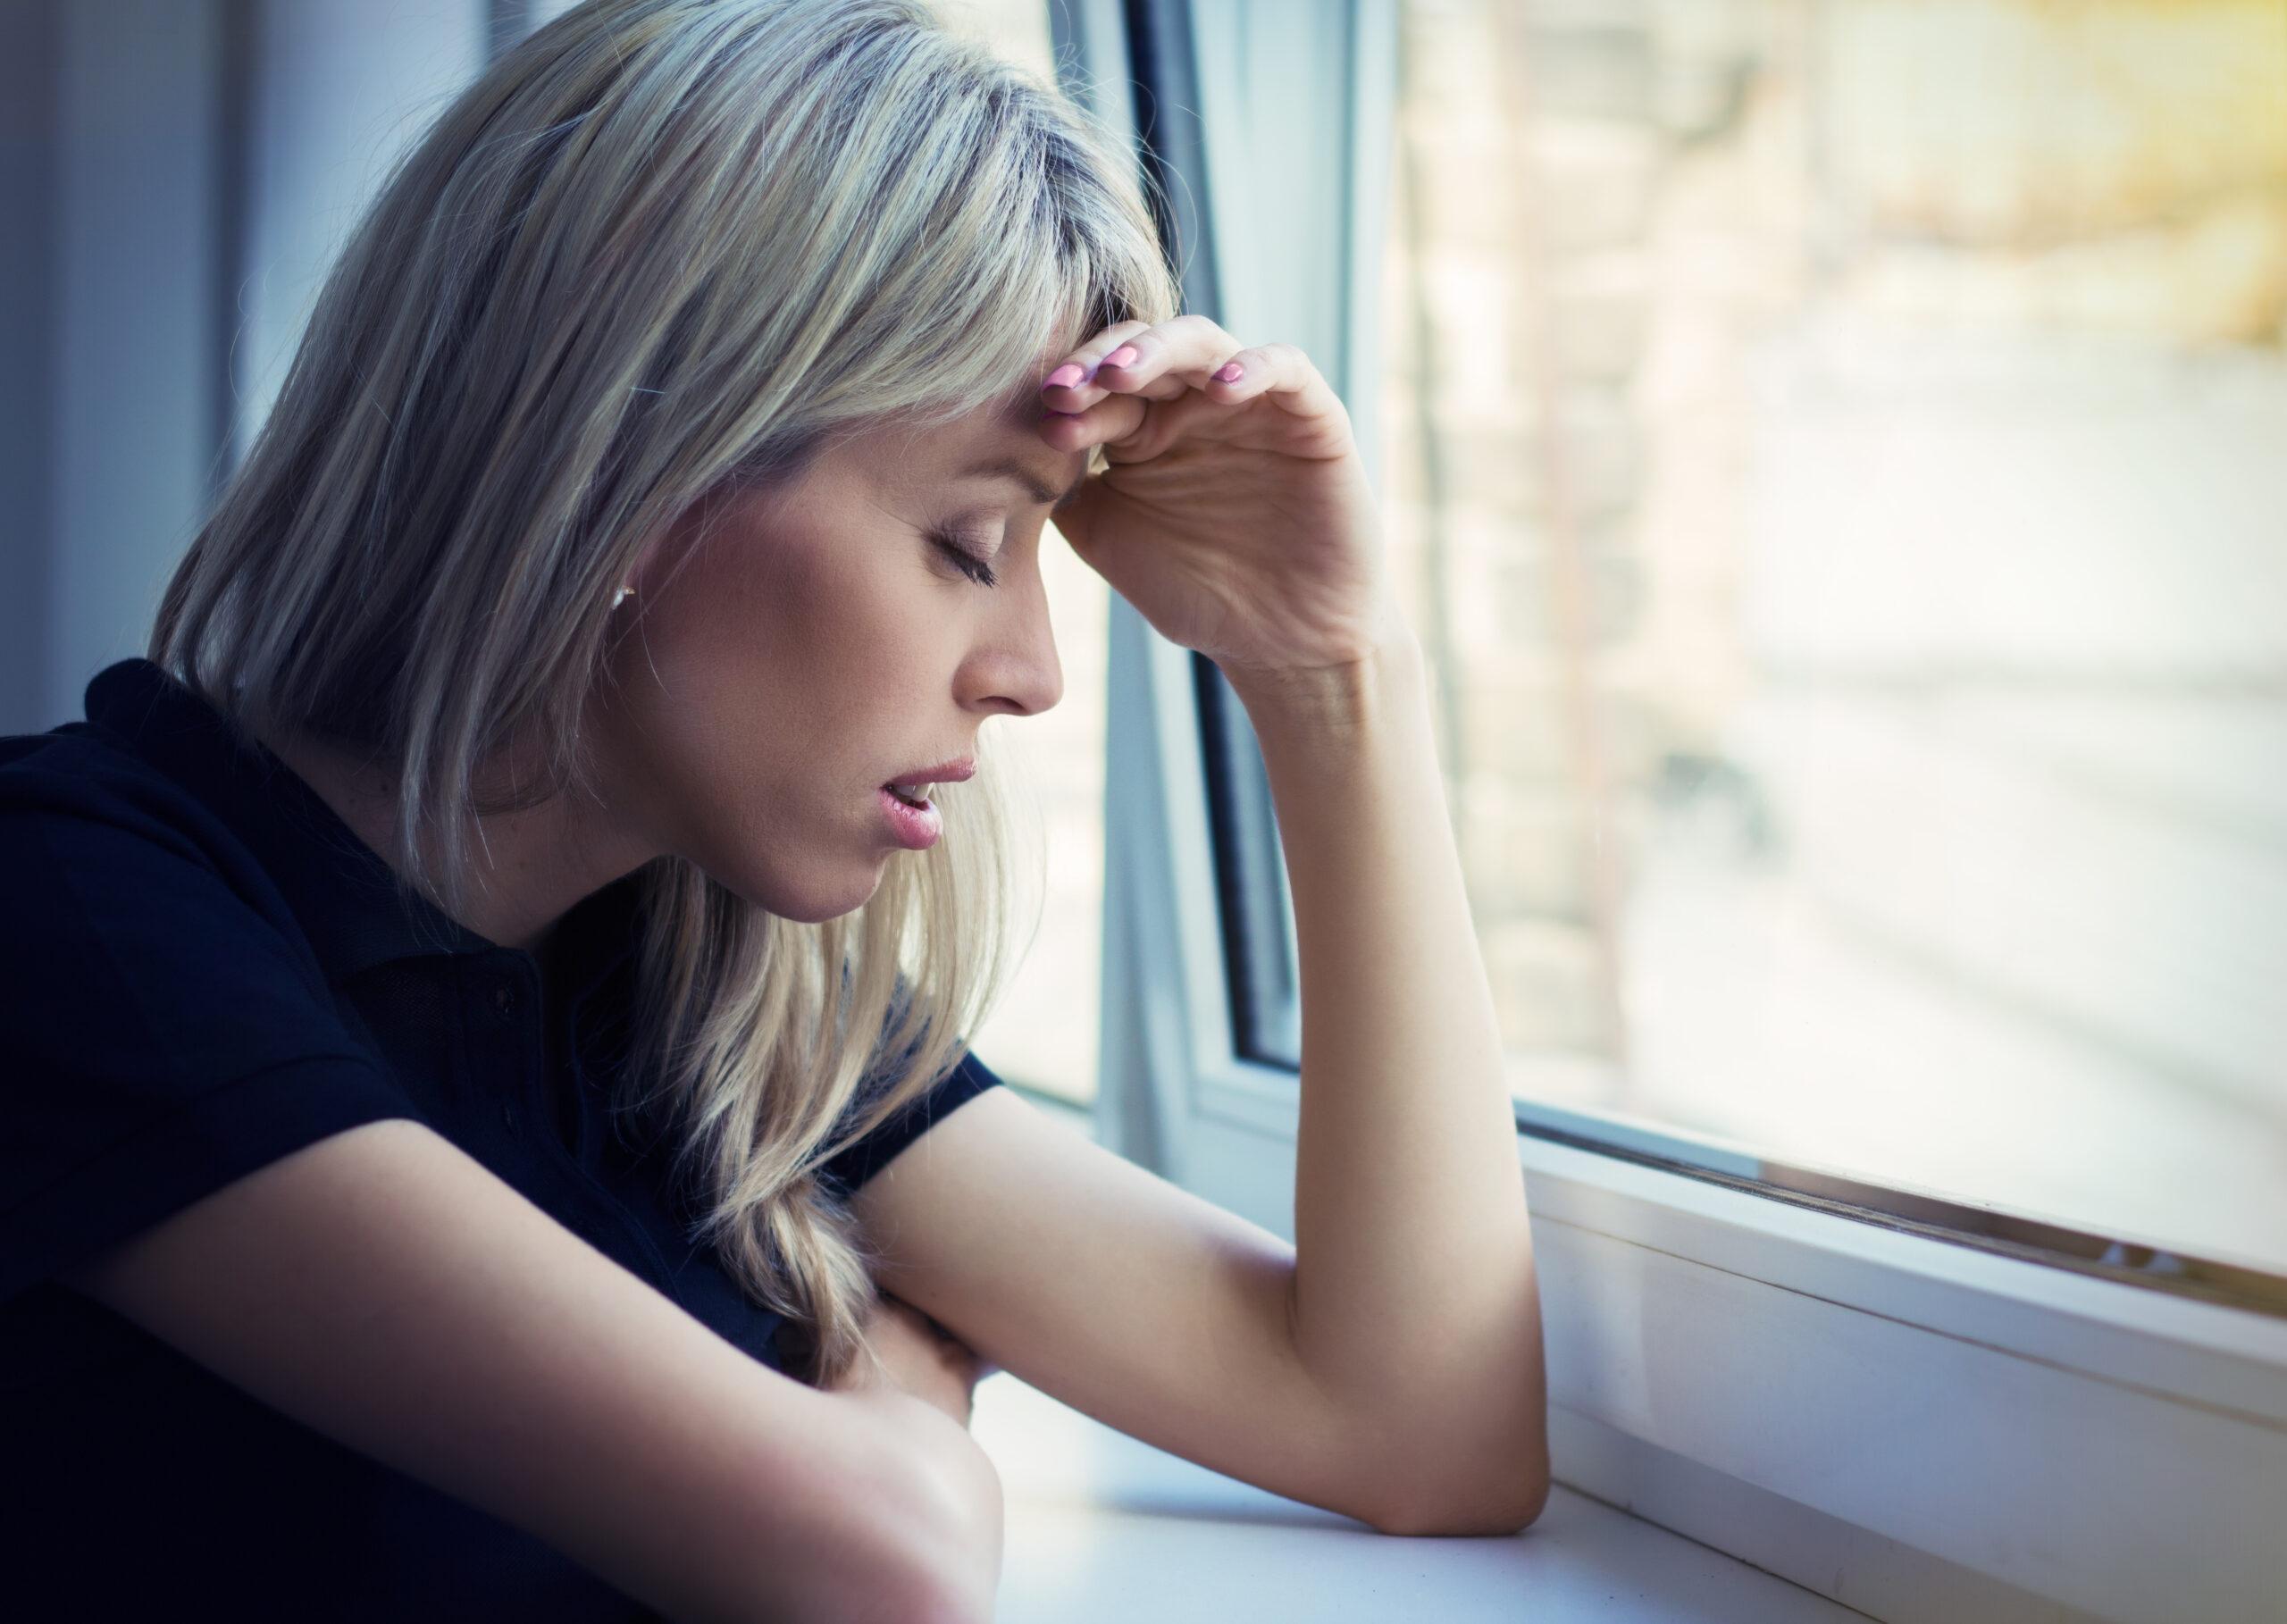 SEVERE HEADACHES AND DEBILITATING ANXIETY